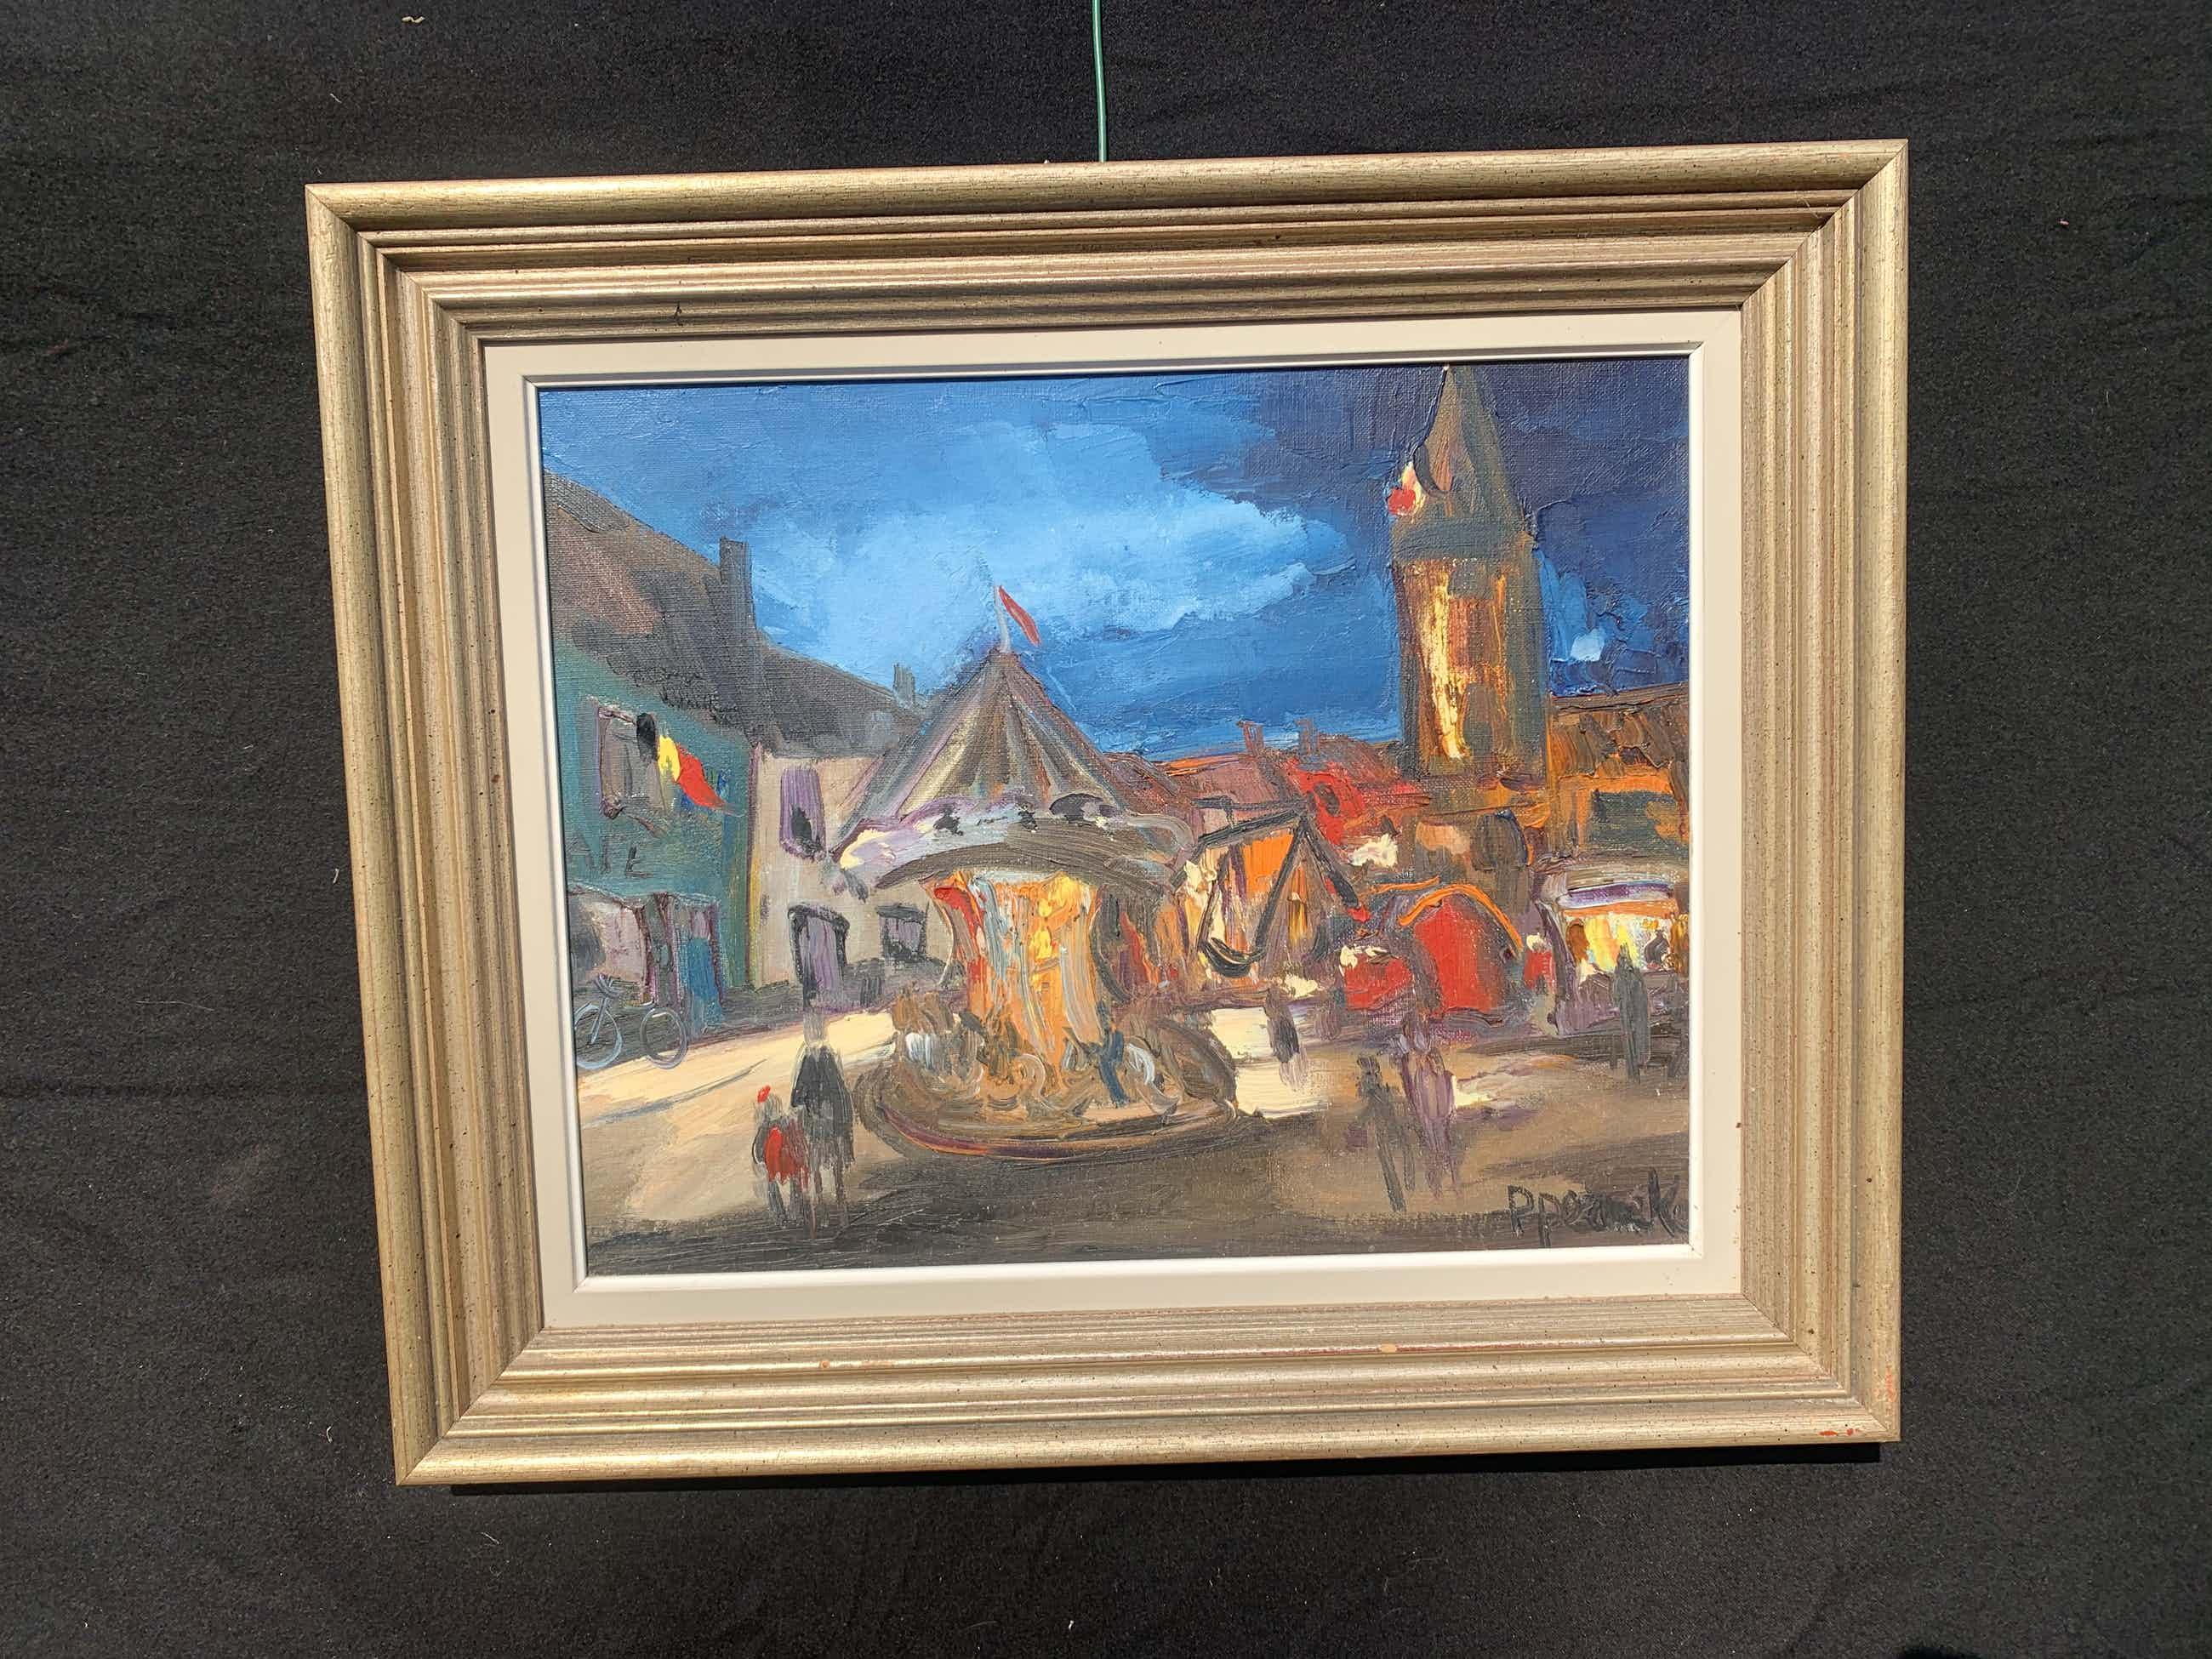 Paul Permeke - Olieverf schilderij: kermis in het dorp kopen? Bied vanaf 702!